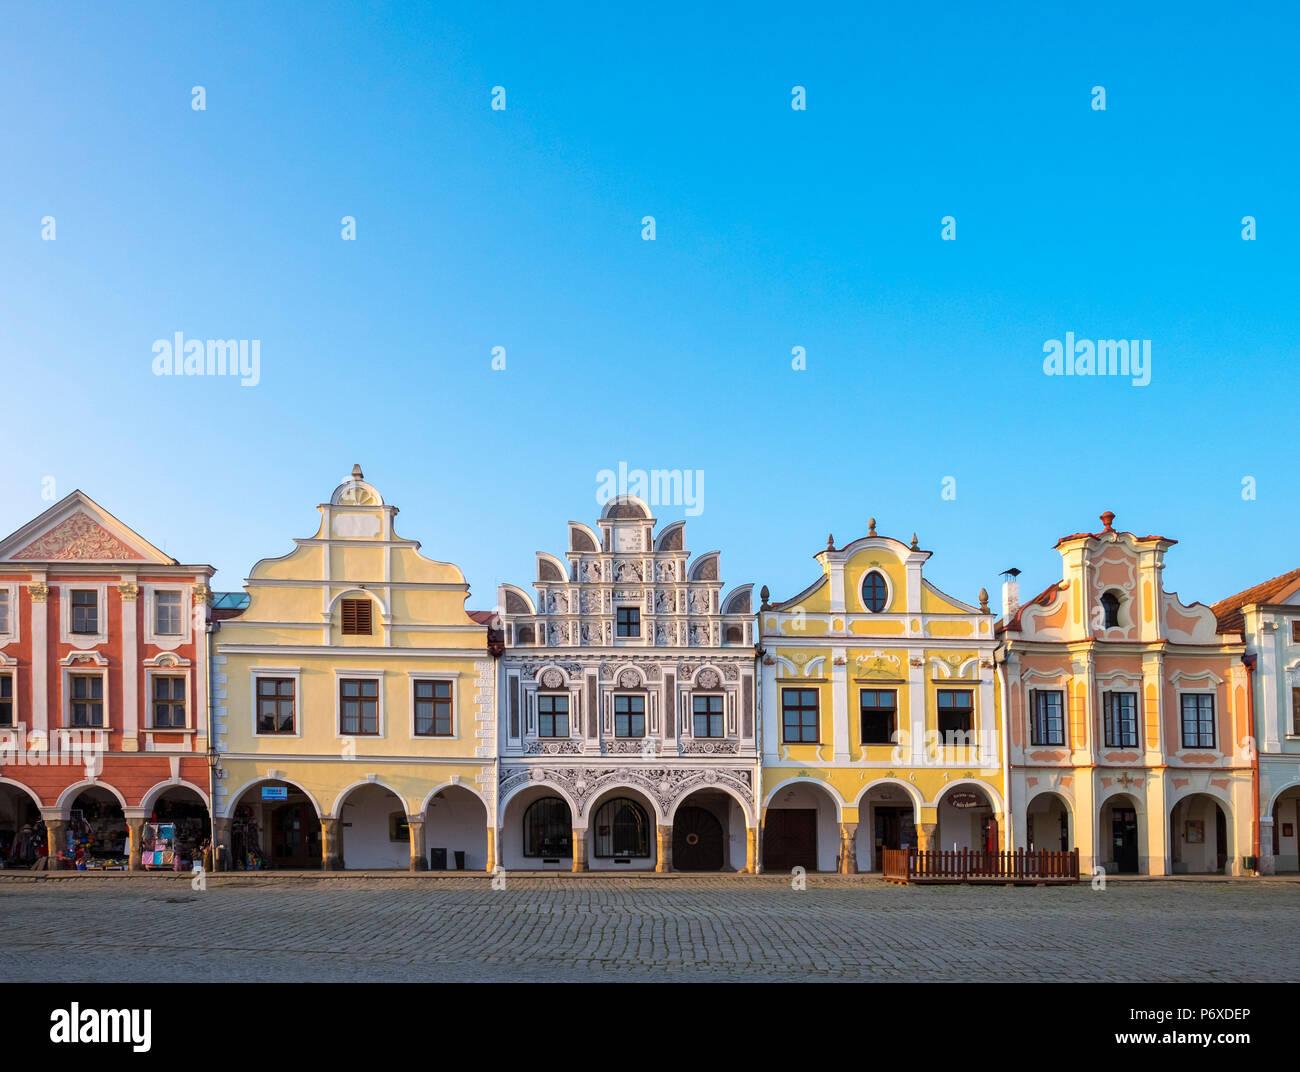 República Checa, región de Vysocina, Telc. Fachadas de casas renacentistas y barrocas de Namesti Zachariase z Hradce. Imagen De Stock